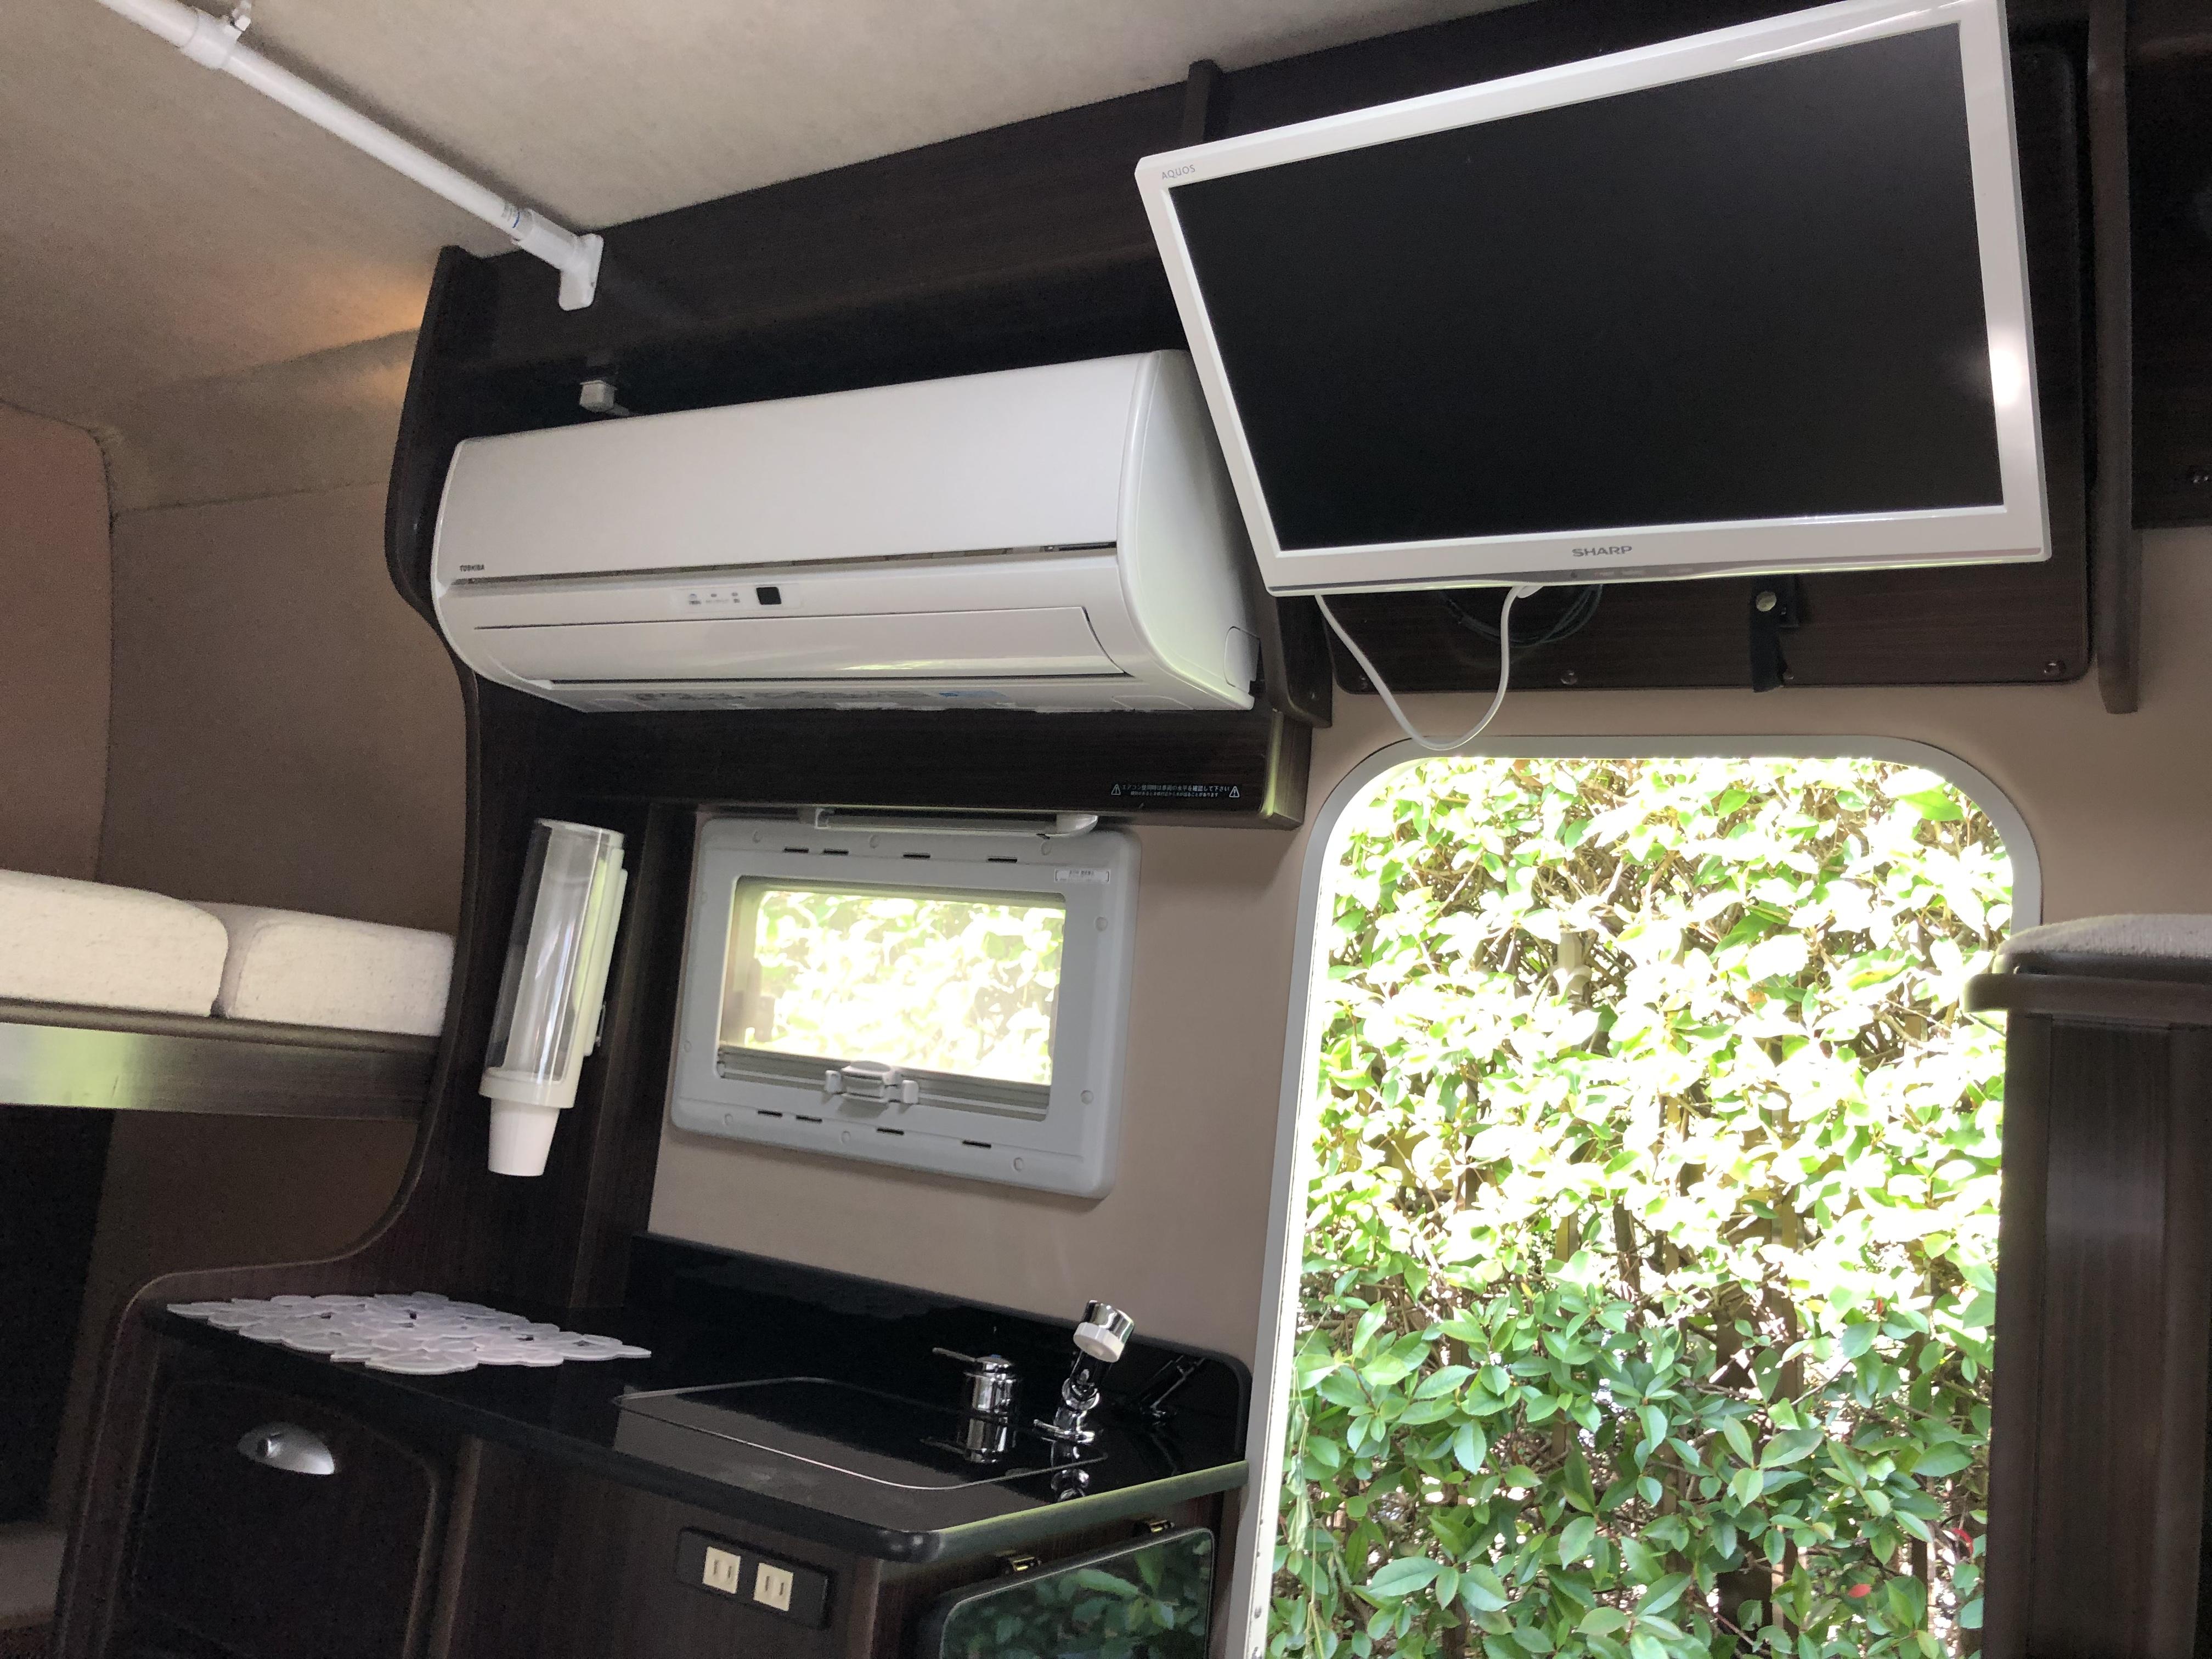 家庭用冷暖房エアコン ご利用は外部電源or発電機回して使用可能